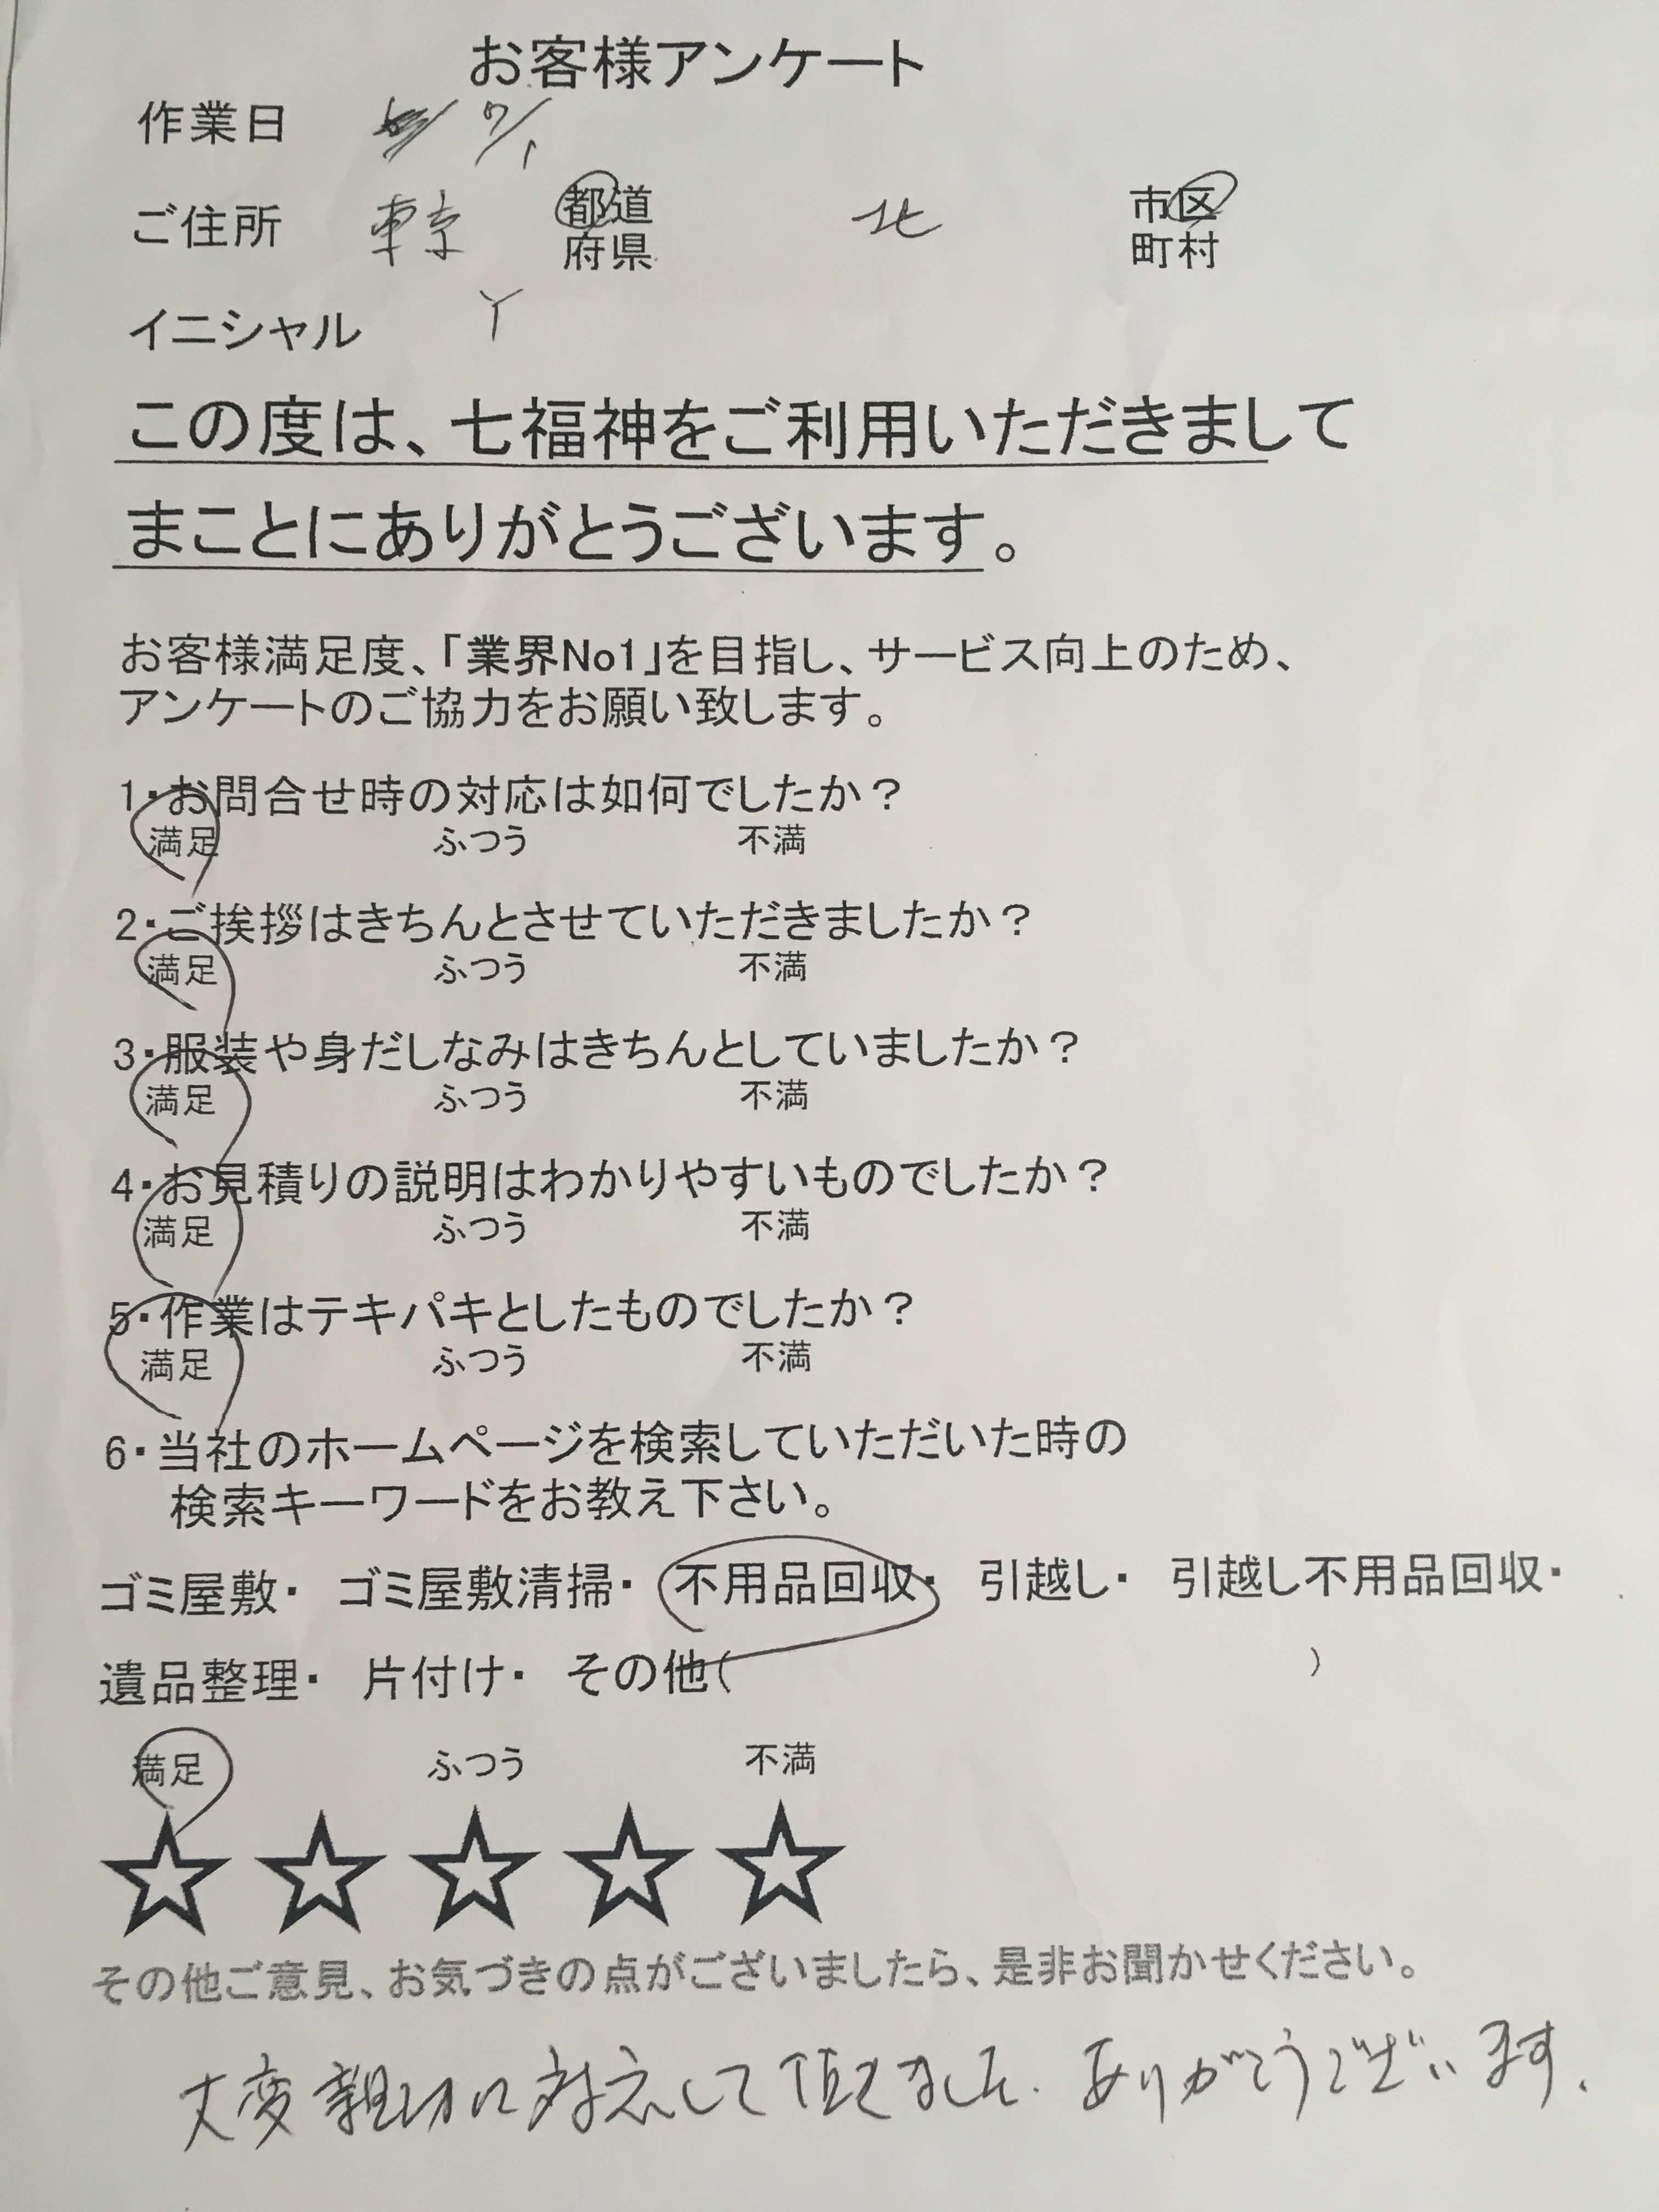 お客様 アンケート 東京都 北区 Y様